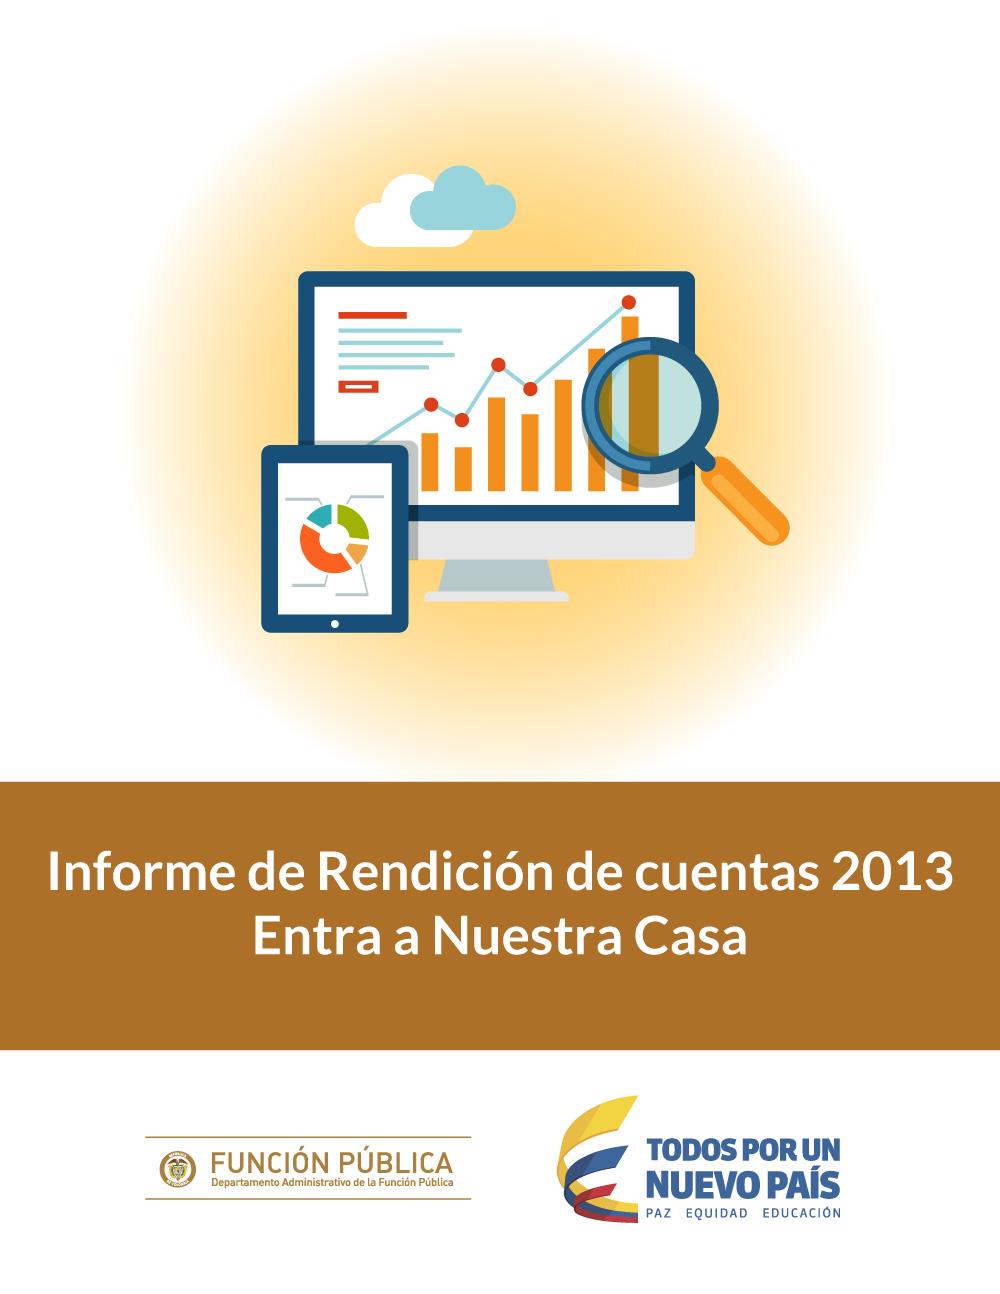 Informe de Rendición de cuentas 2013 Entra a Nuestra Casa